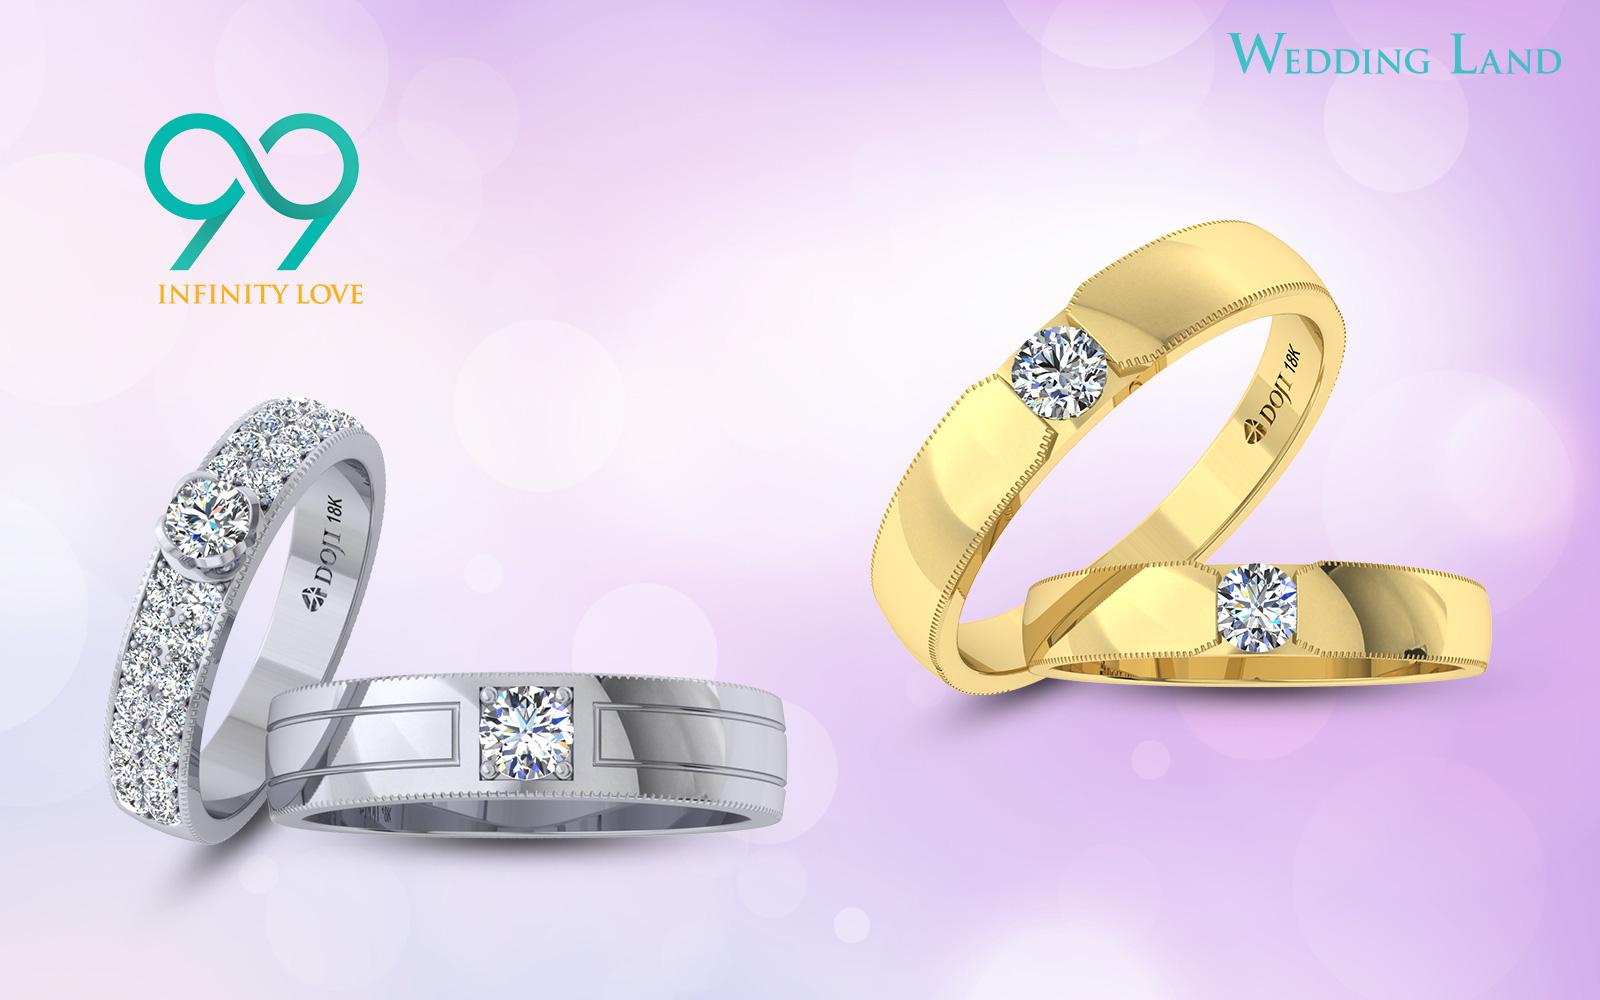 """Xu hướng nhẫn kim cương 99 giác cắt lên ngôi ghi dấu """"Khoảnh khắc luôn sáng mãi"""" của các cặp đôi - Ảnh 2."""